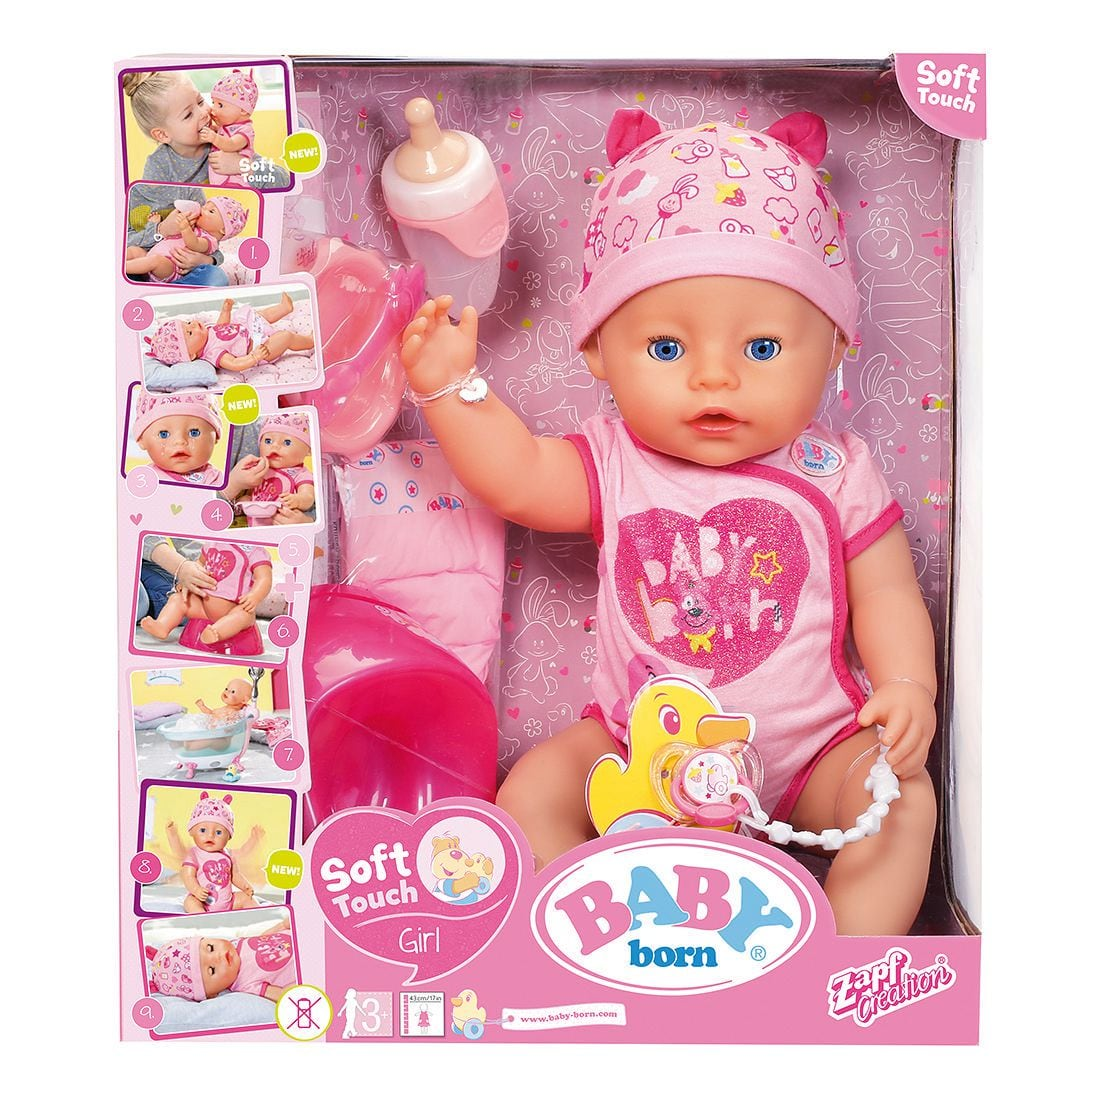 בייבי בורן בת נגיעה רכה – בובת תינוק עושה פיפי ובוכה